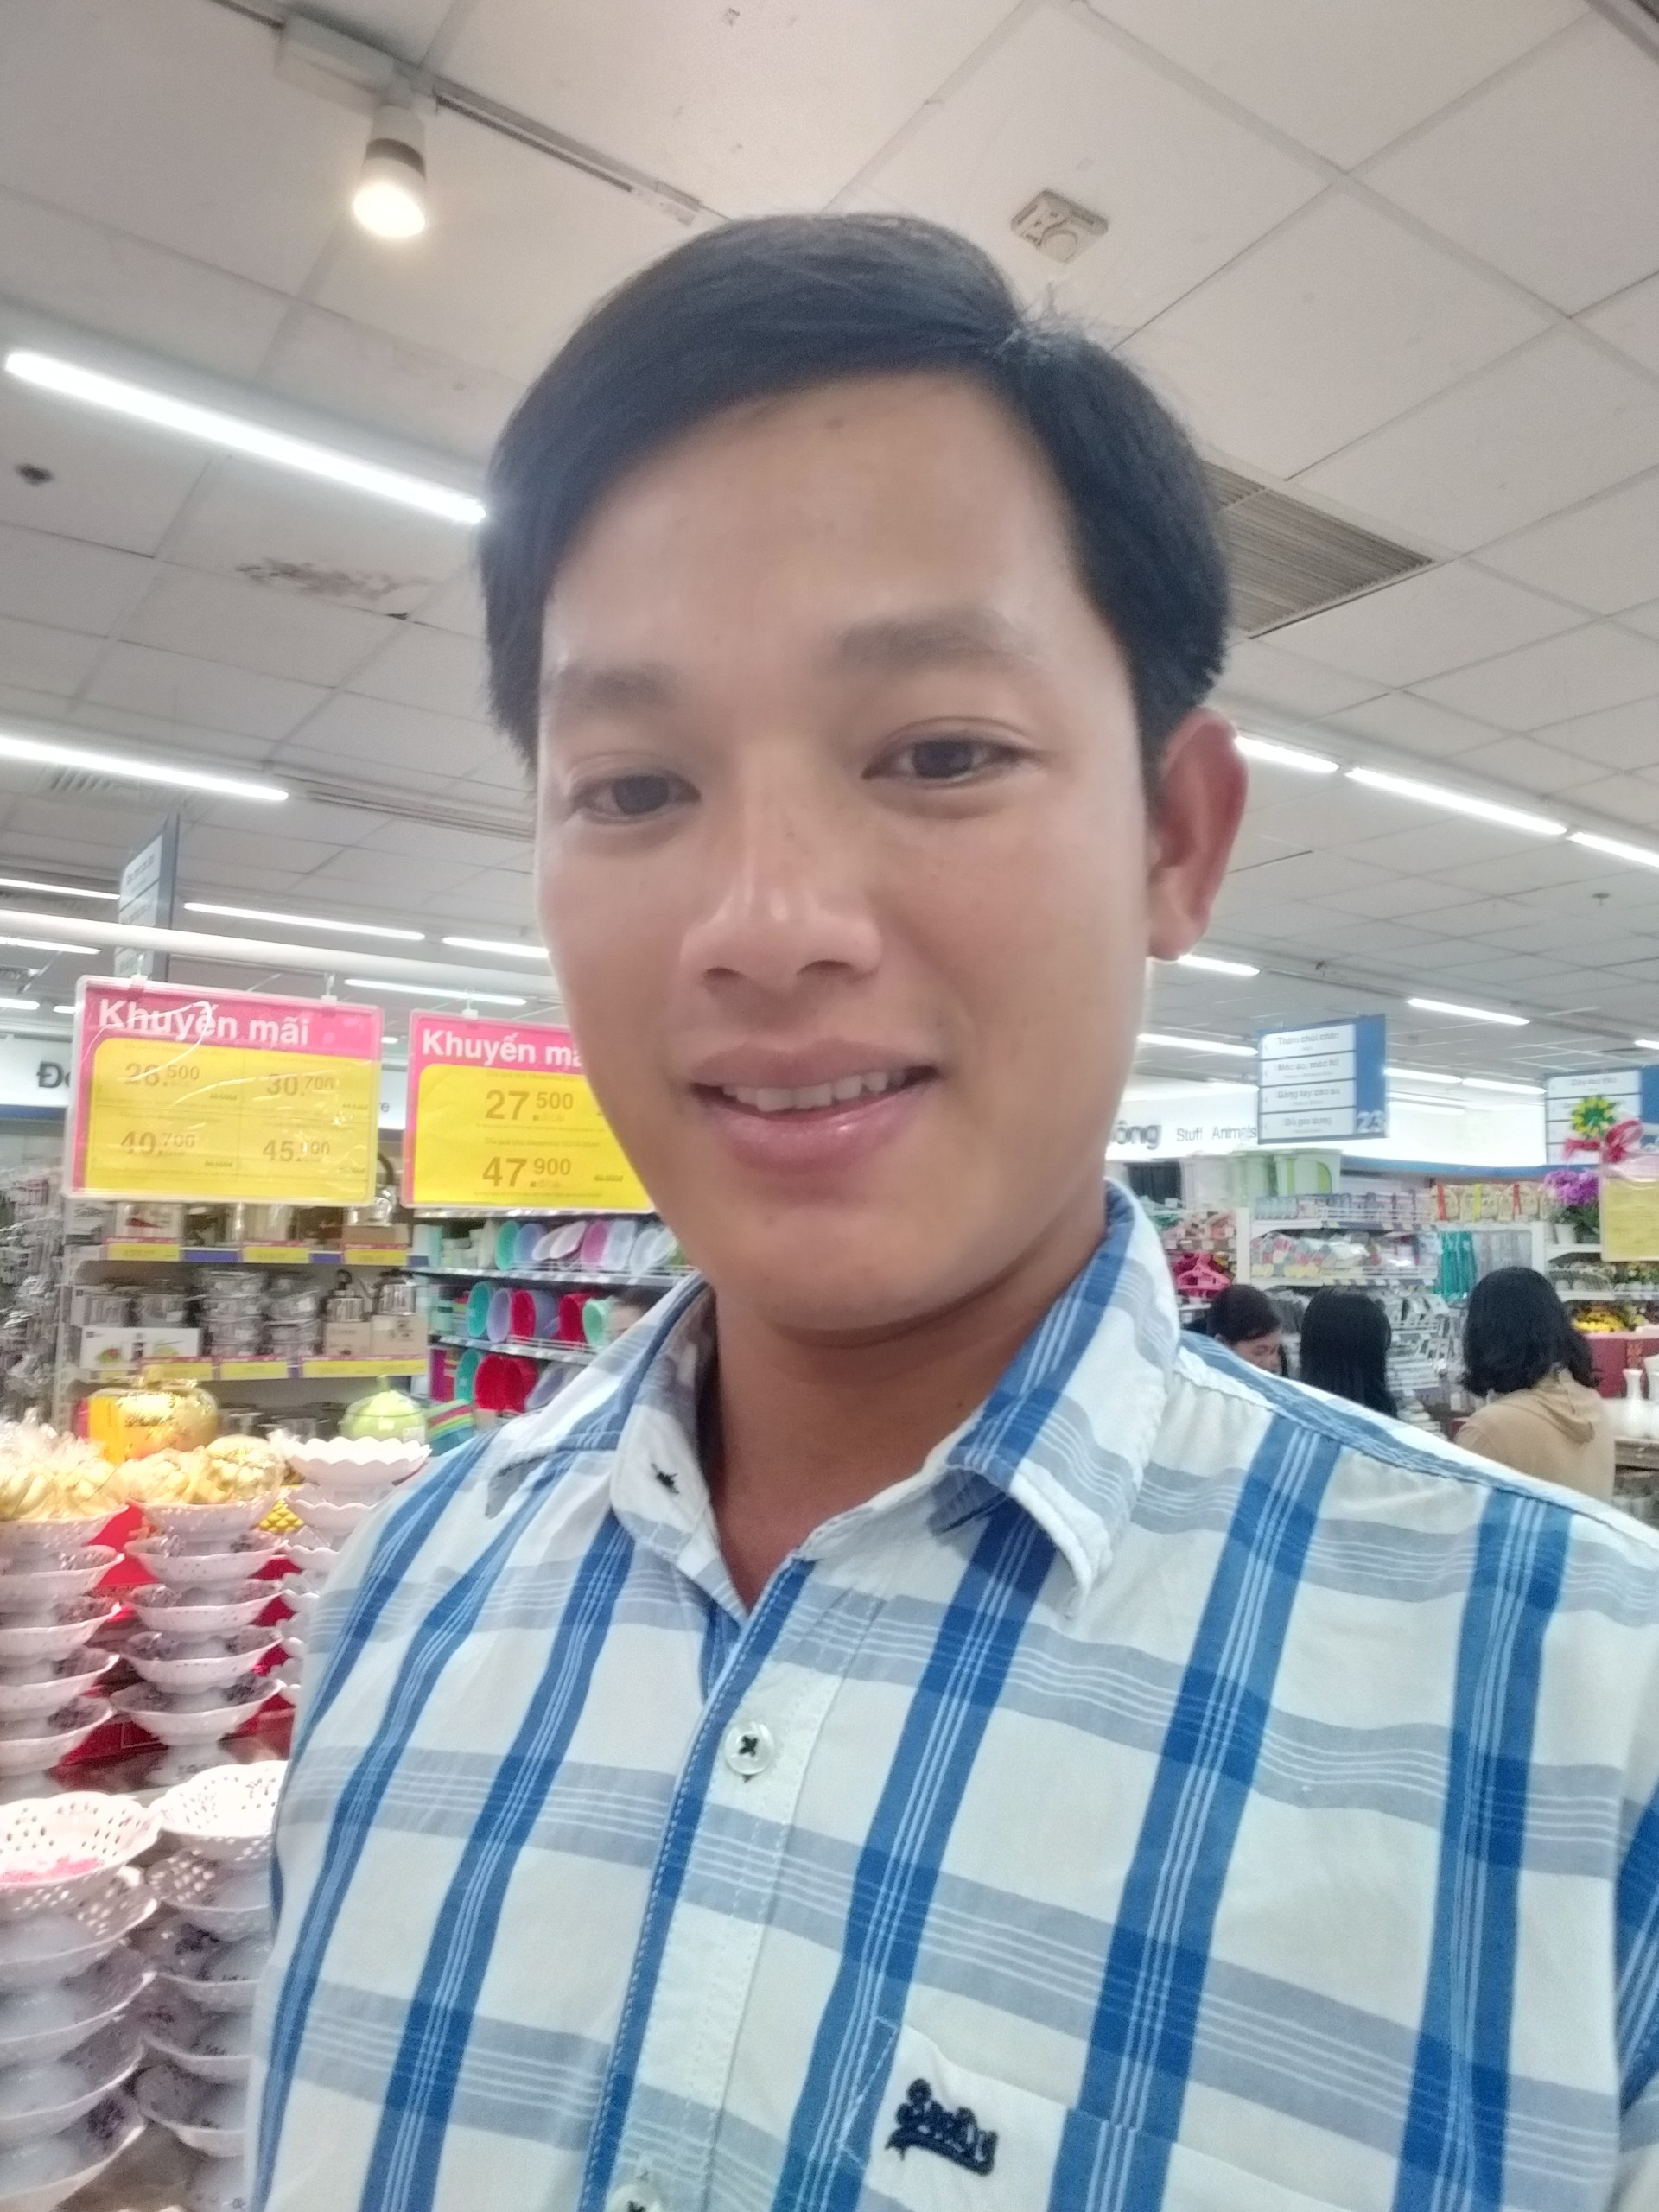 Bạn Trần Phong Bắc đoạt giải Nhất tuần 1 Cuộc thi tìm hiểu truyền thống ngành Tuyên giáo